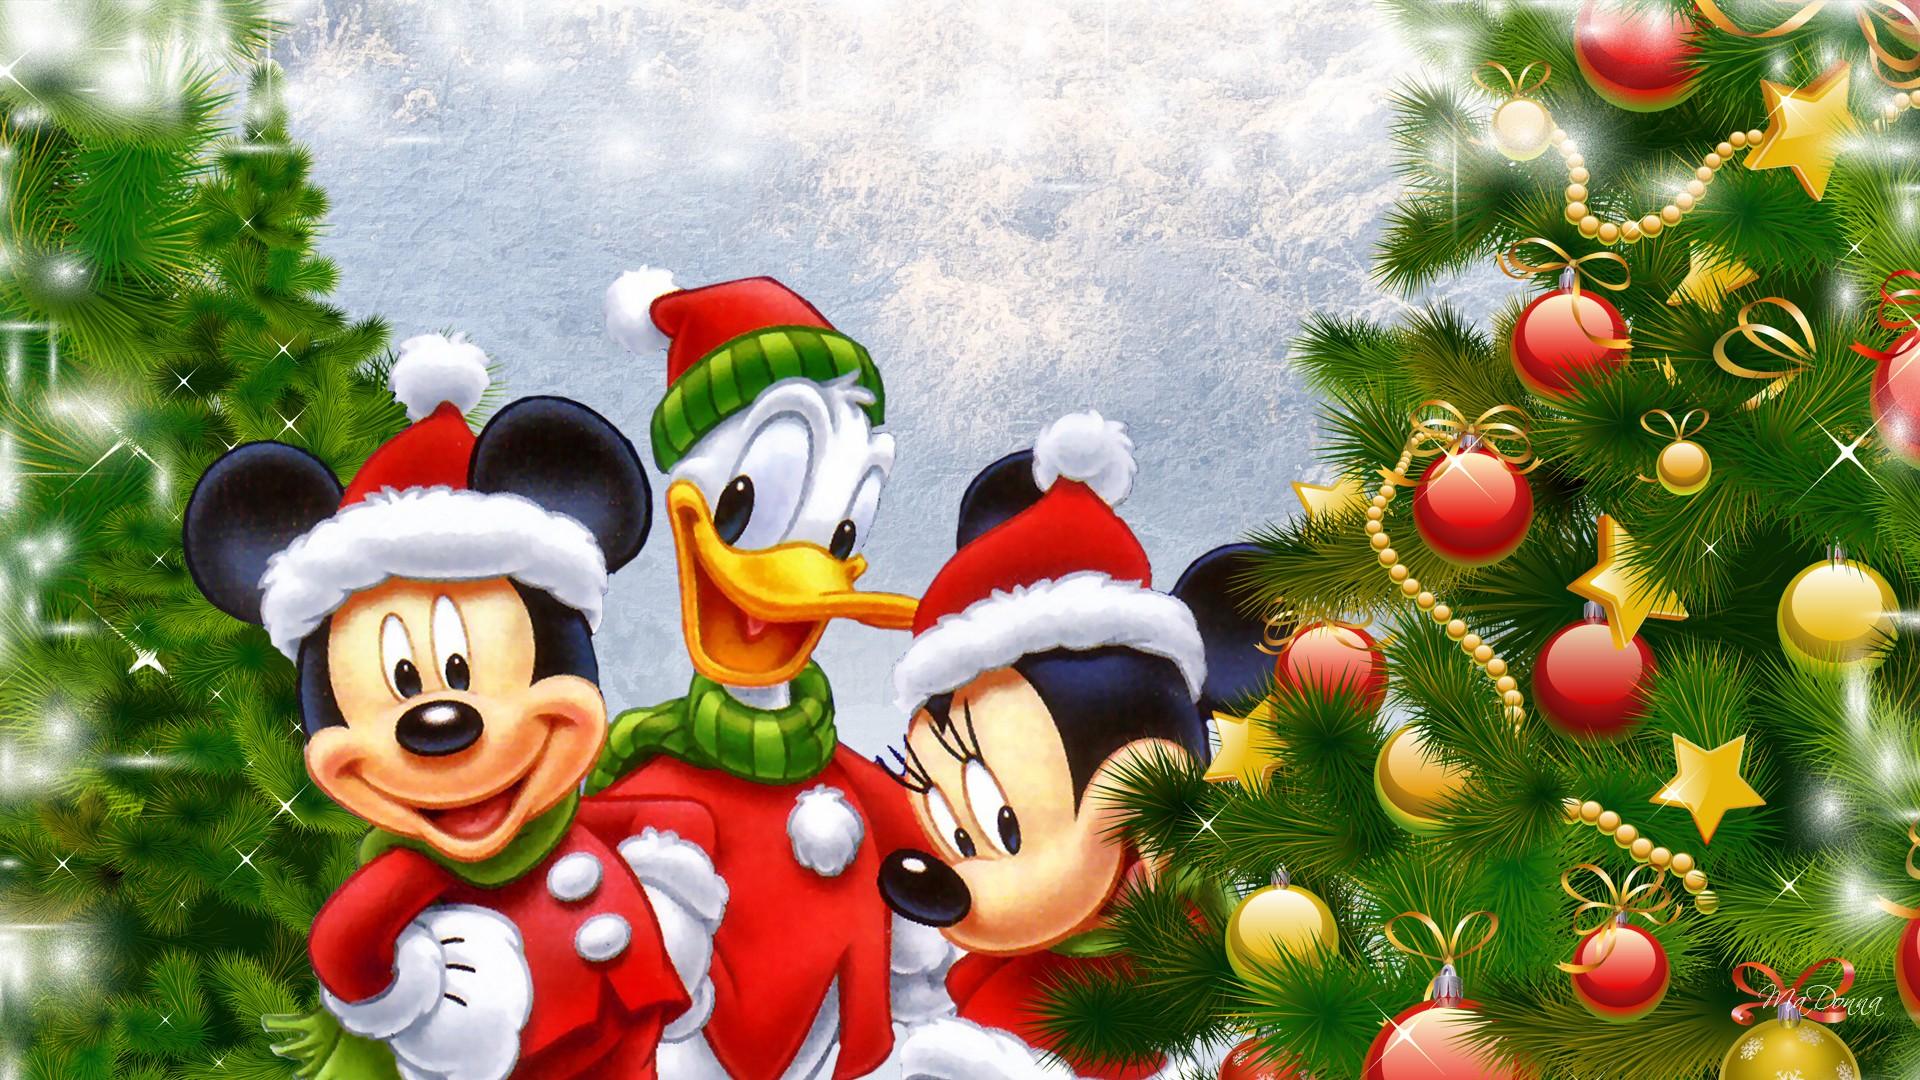 25 Days of Disney Christmas Movies 1920x1080